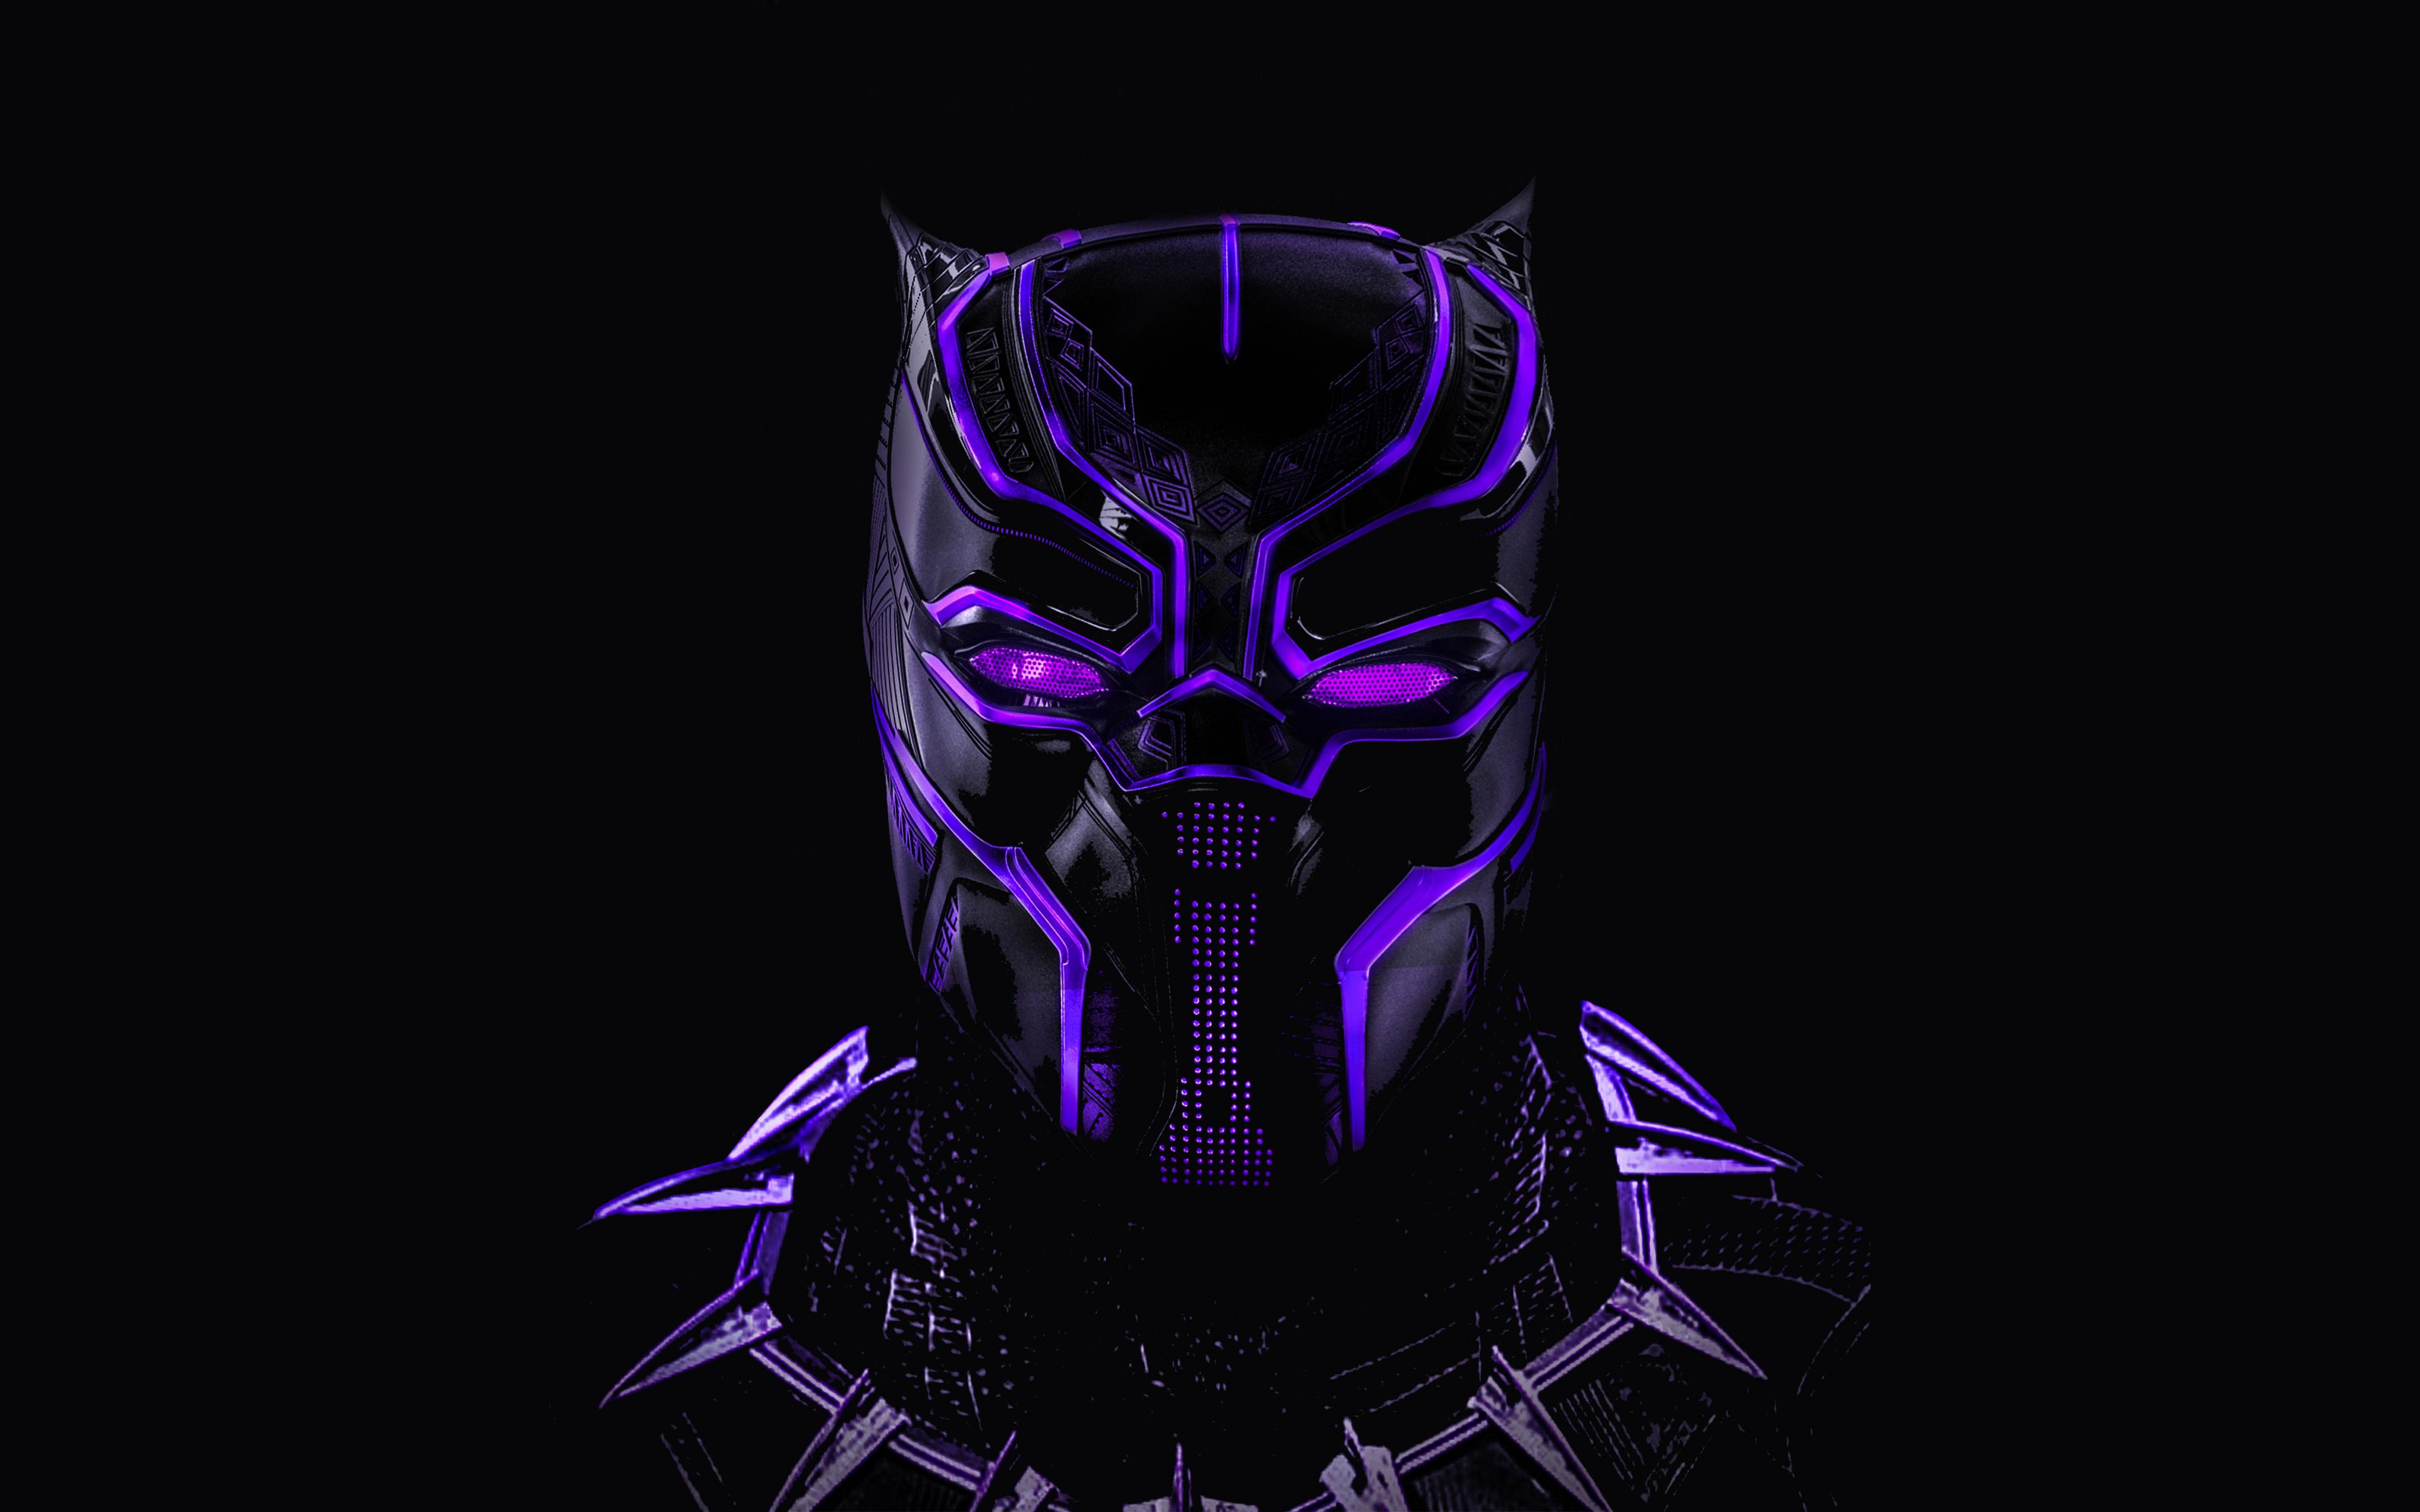 Download 3840x2400 Wallpaper Black Panther Superhero Dark Glowing